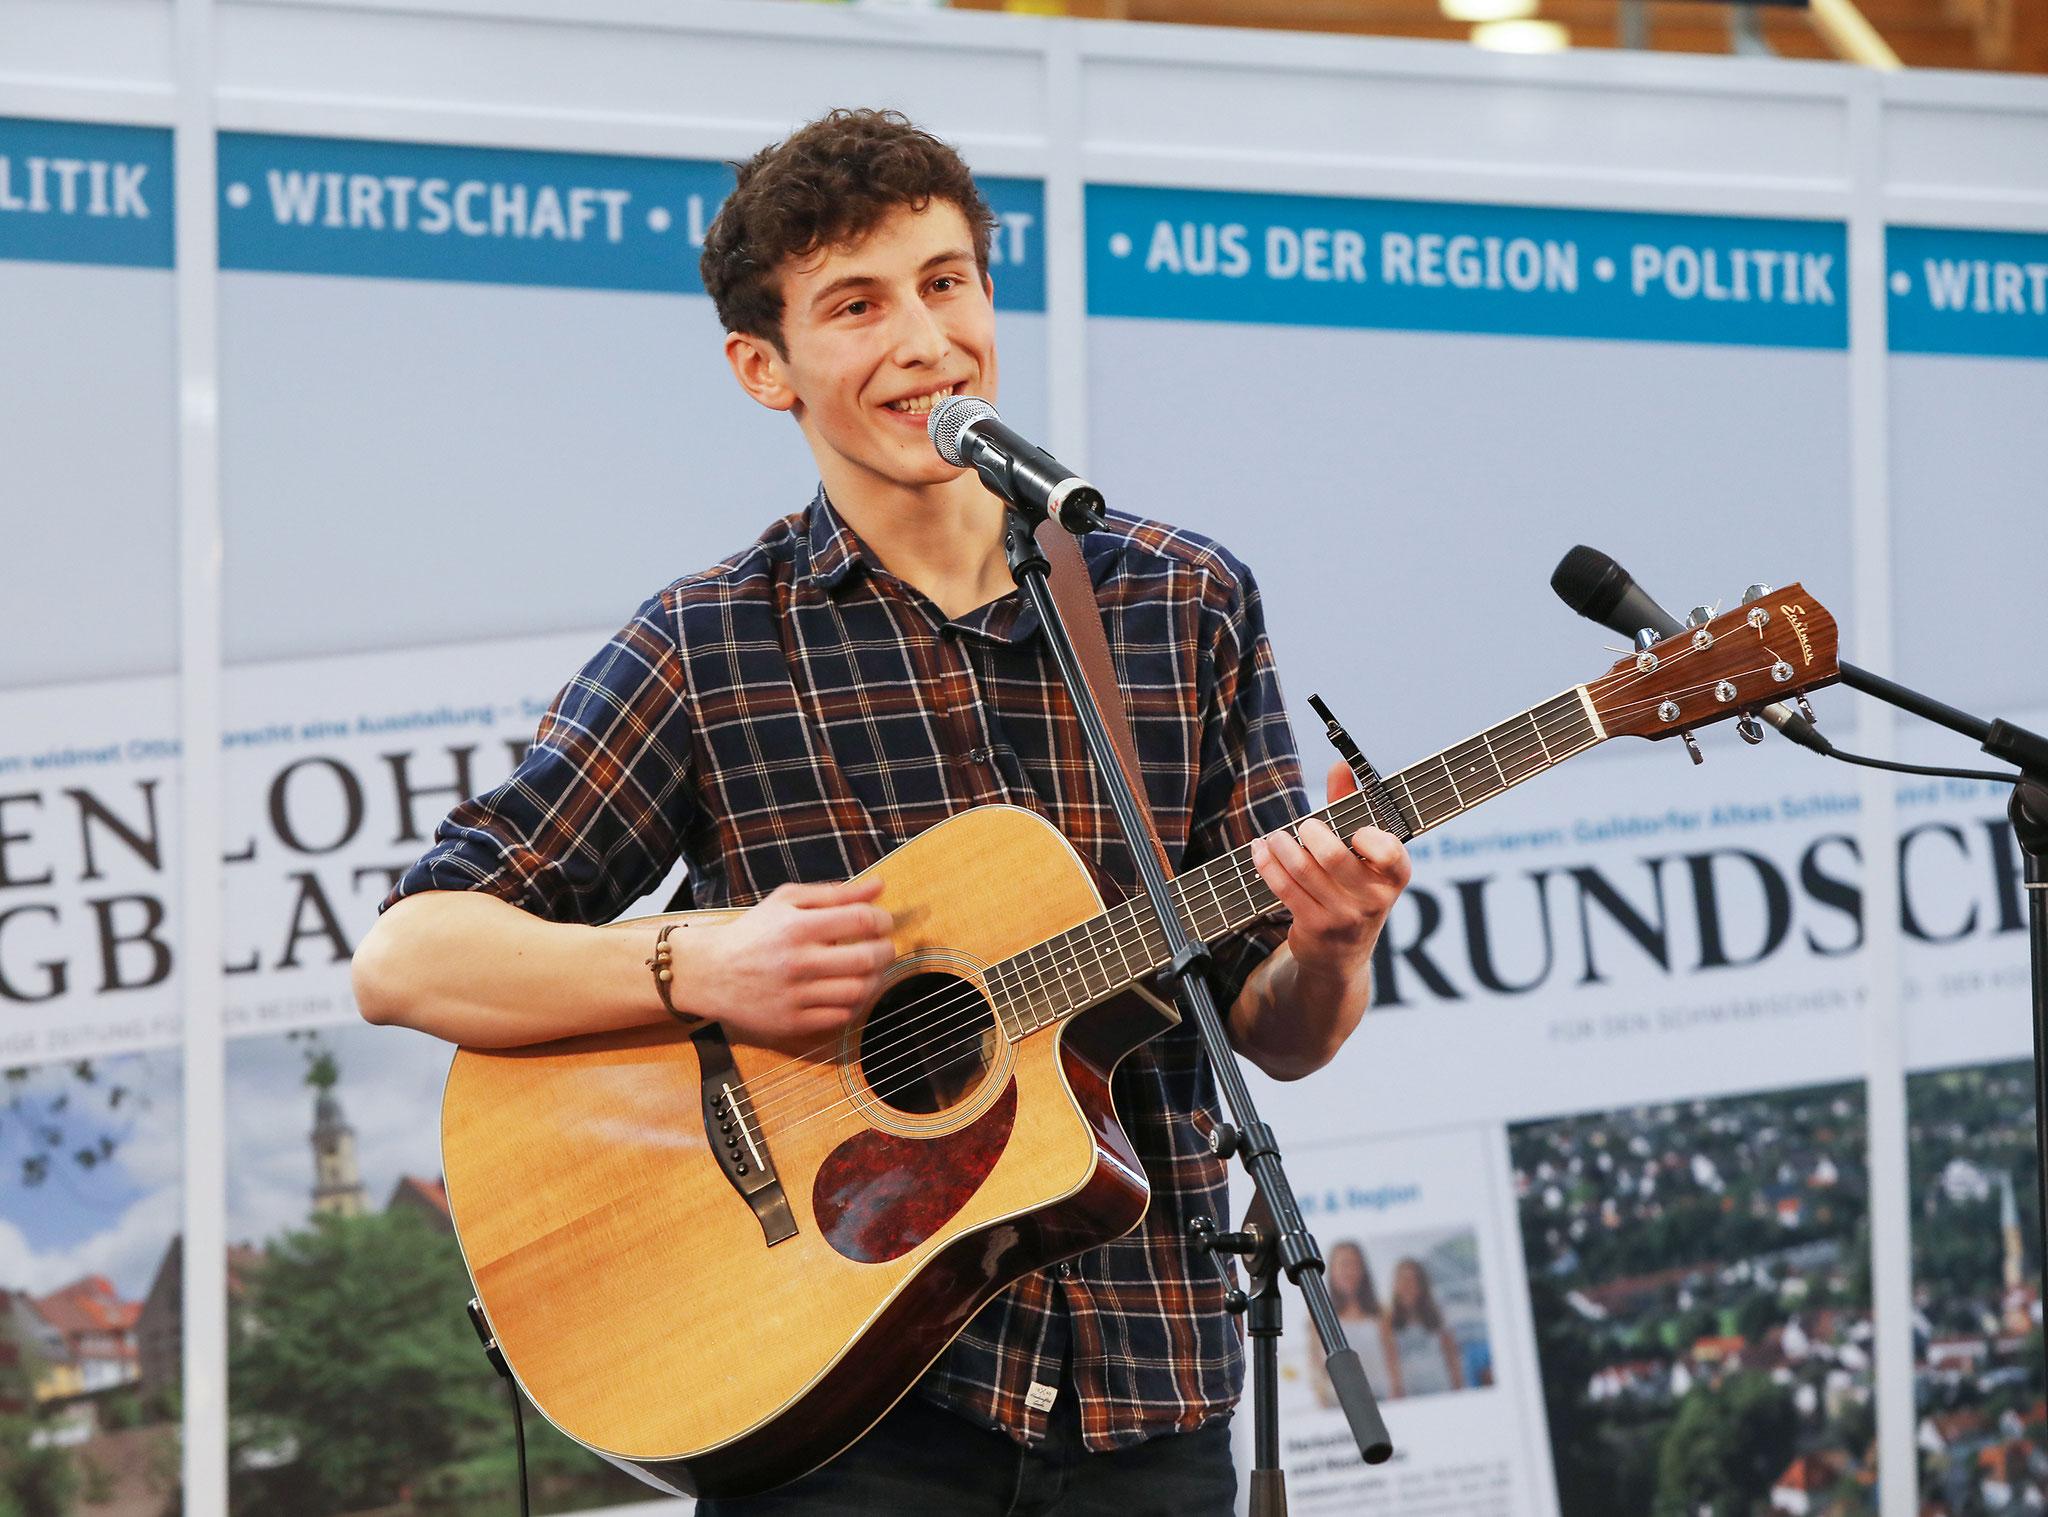 Luca Stöhr